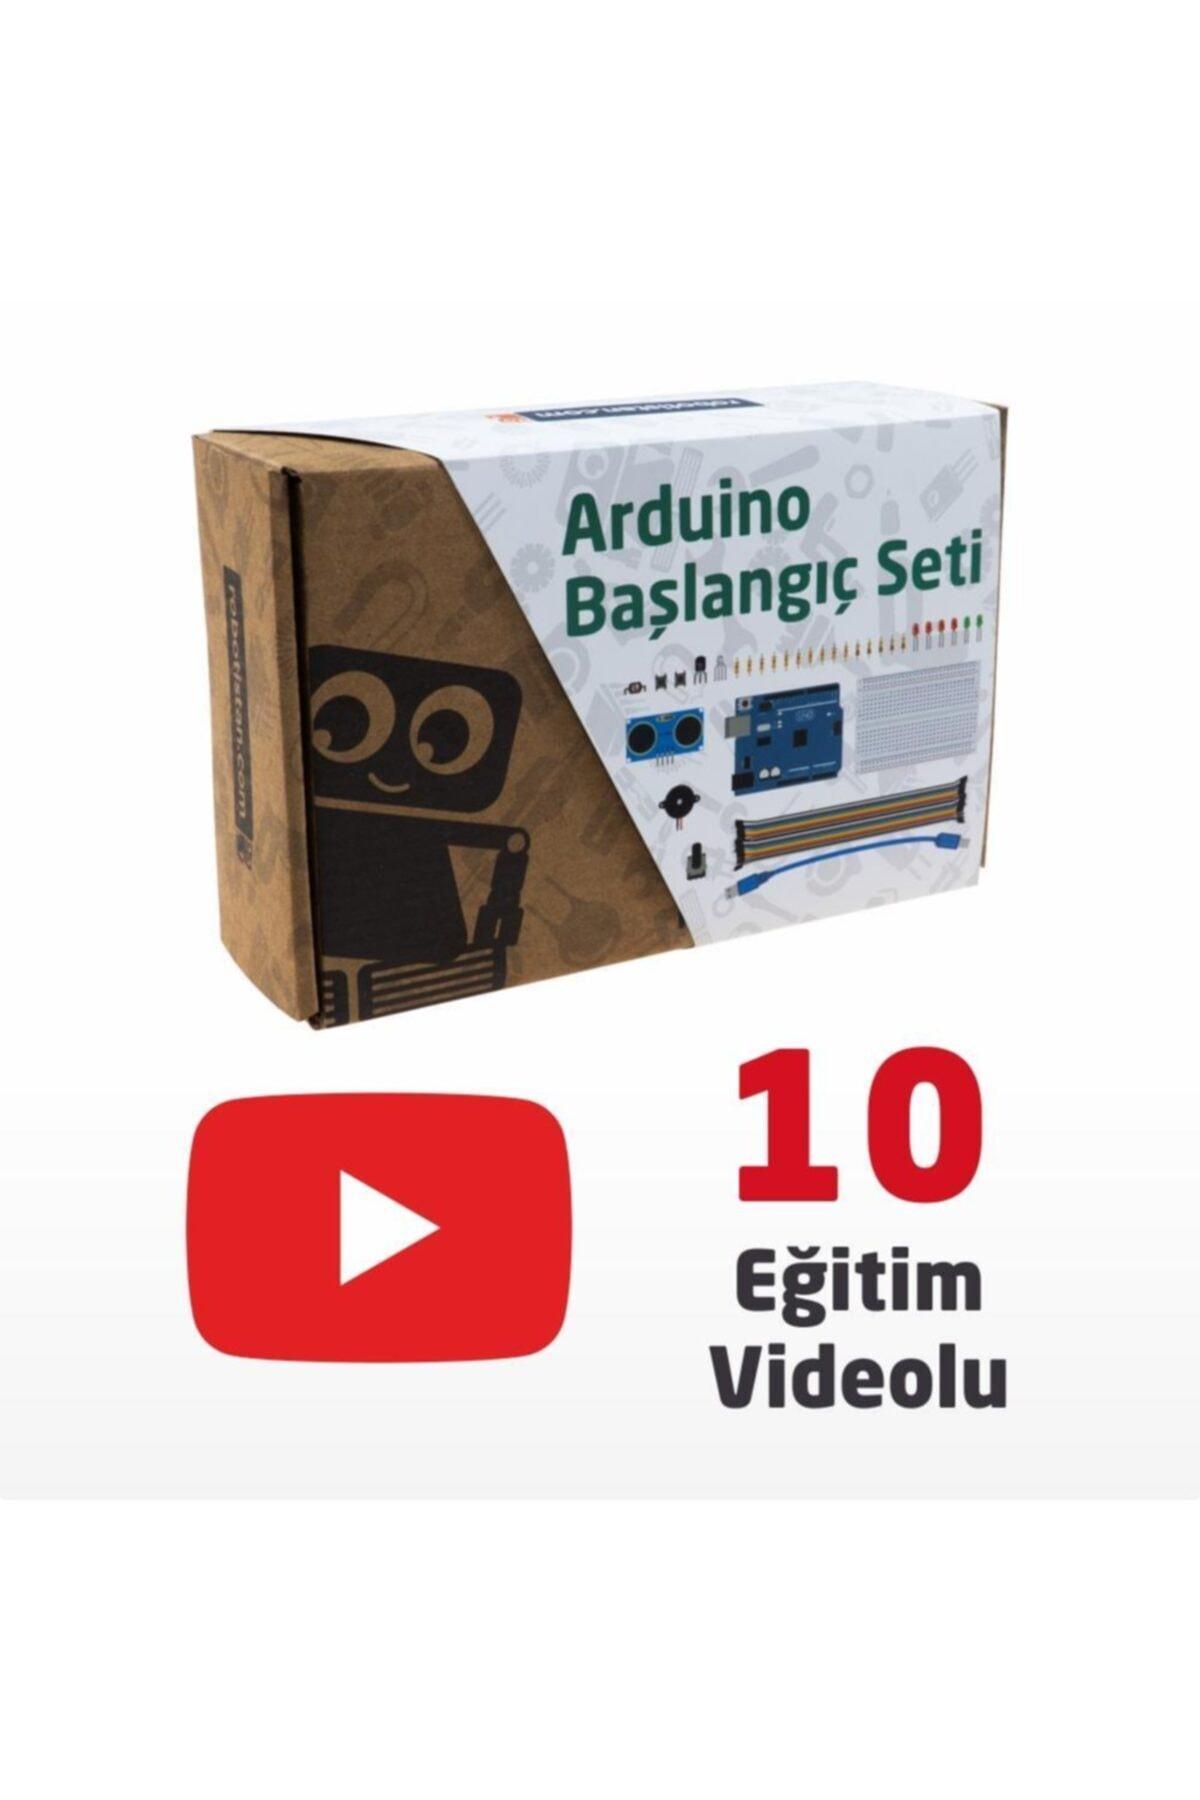 Robotistan Arduino Uno R3 Başlangıç Seti - Starter Kit (klon) Kitaplı Ve Videolu 1